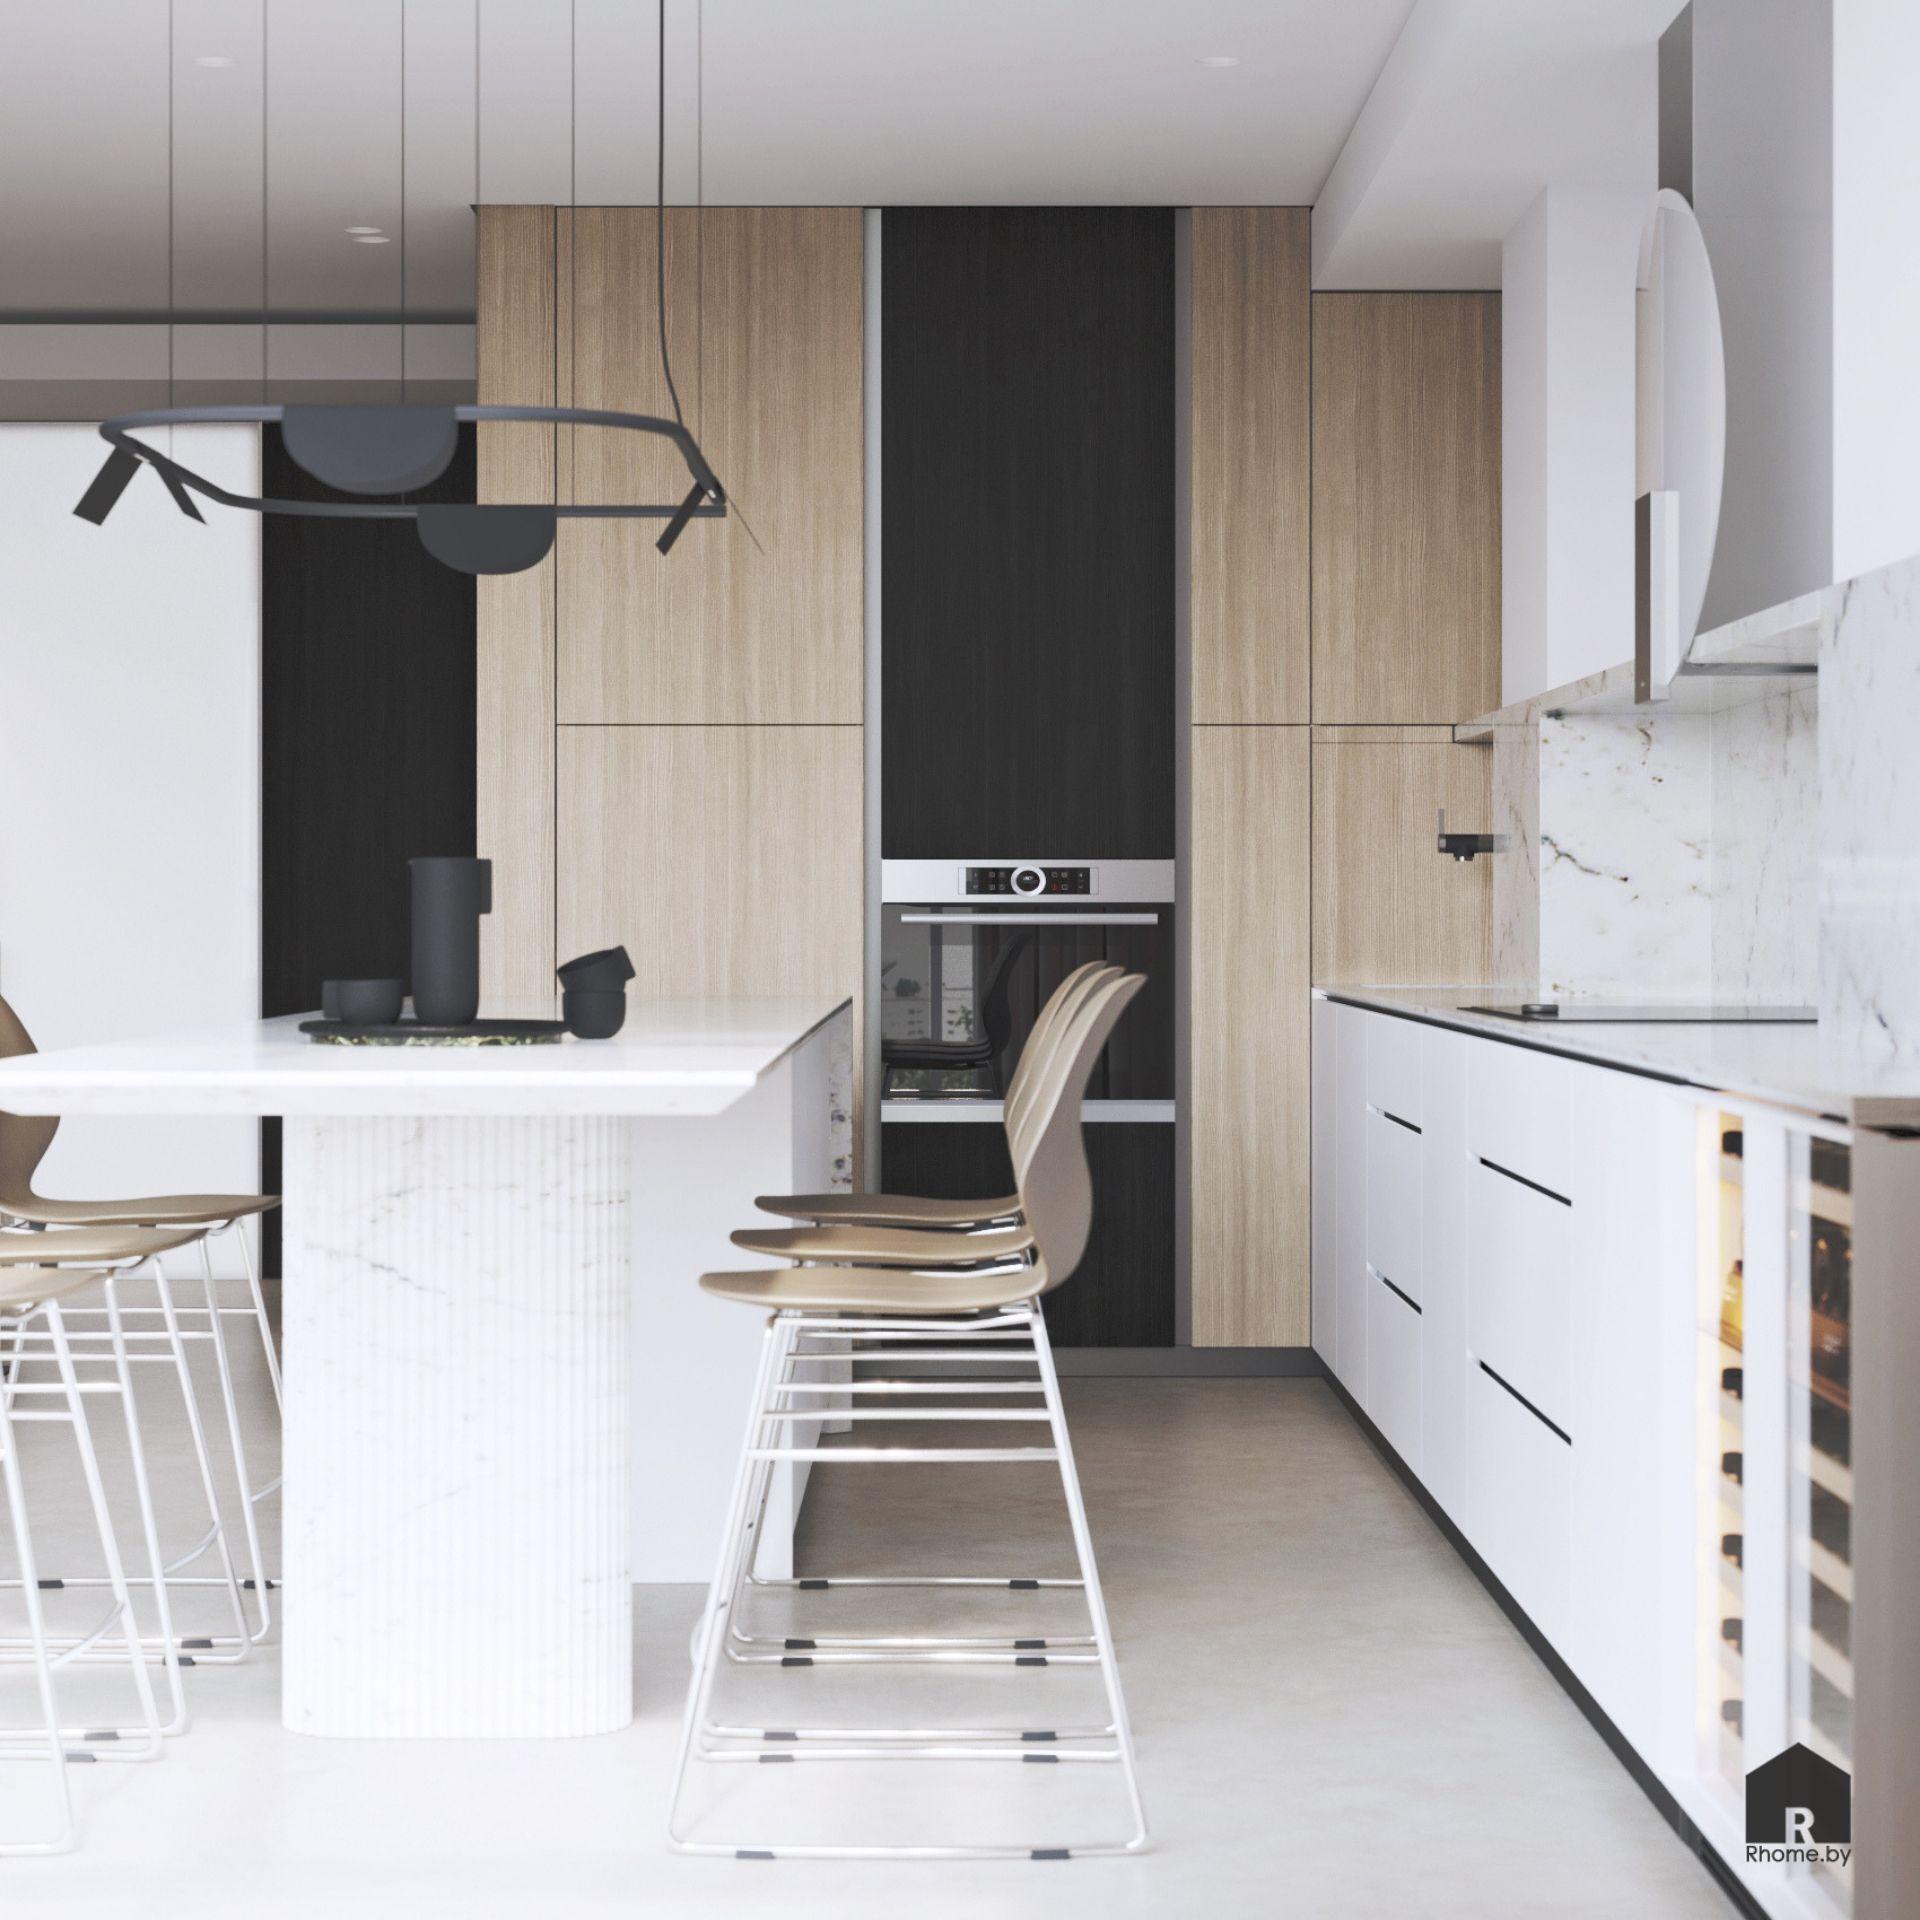 Белая кухня со столом островом и барными стульями